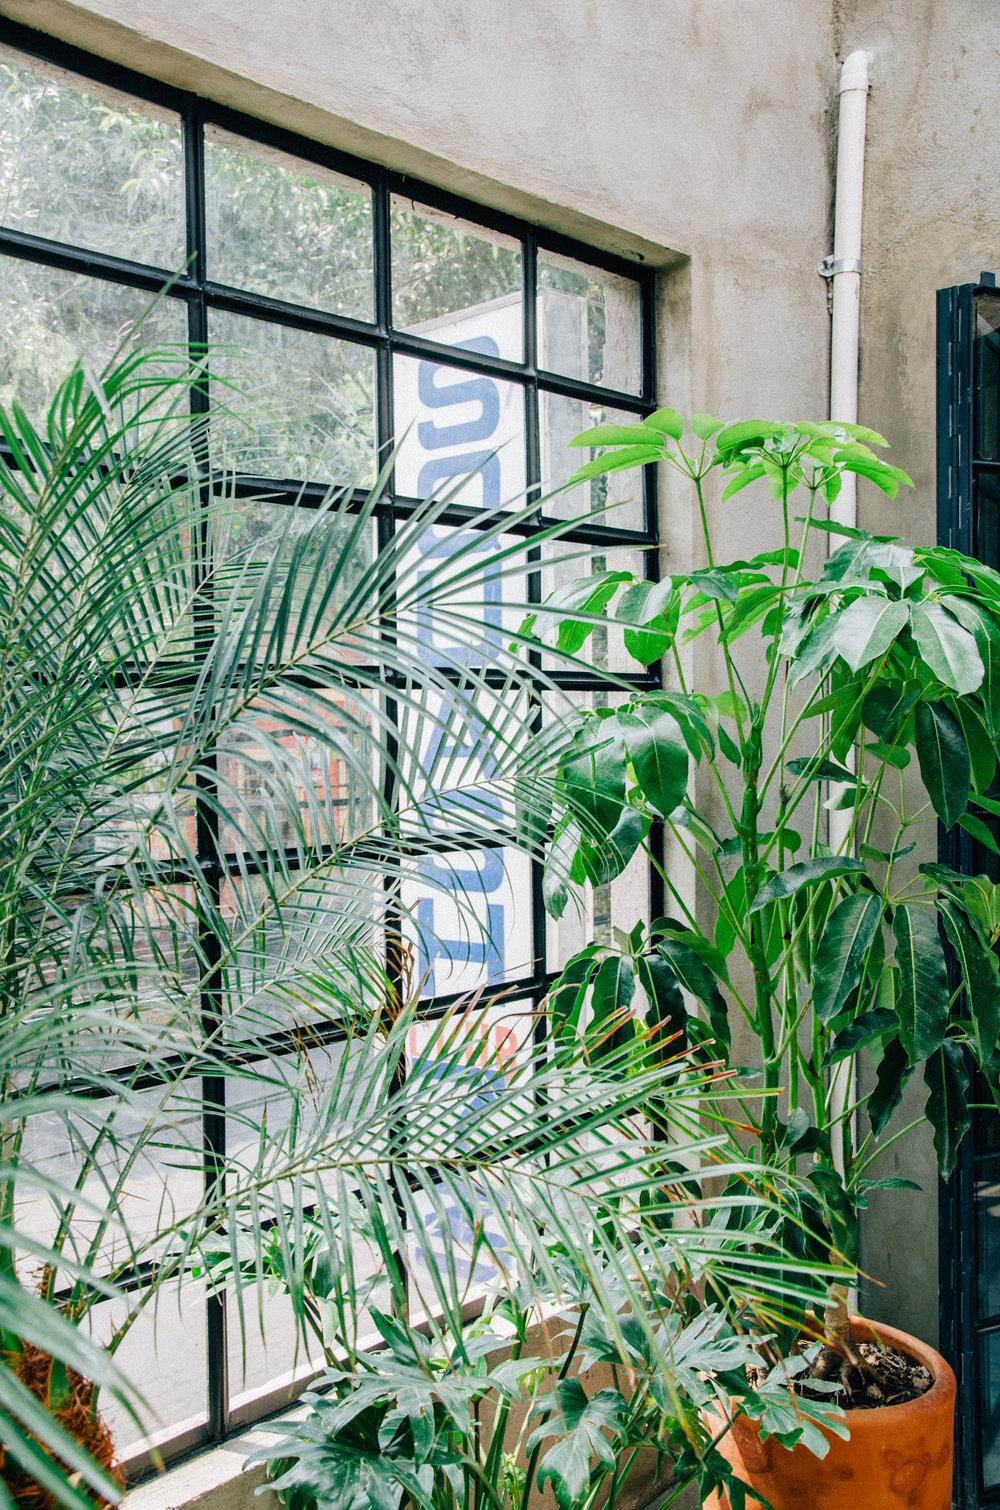 Squash73-plants.jpg